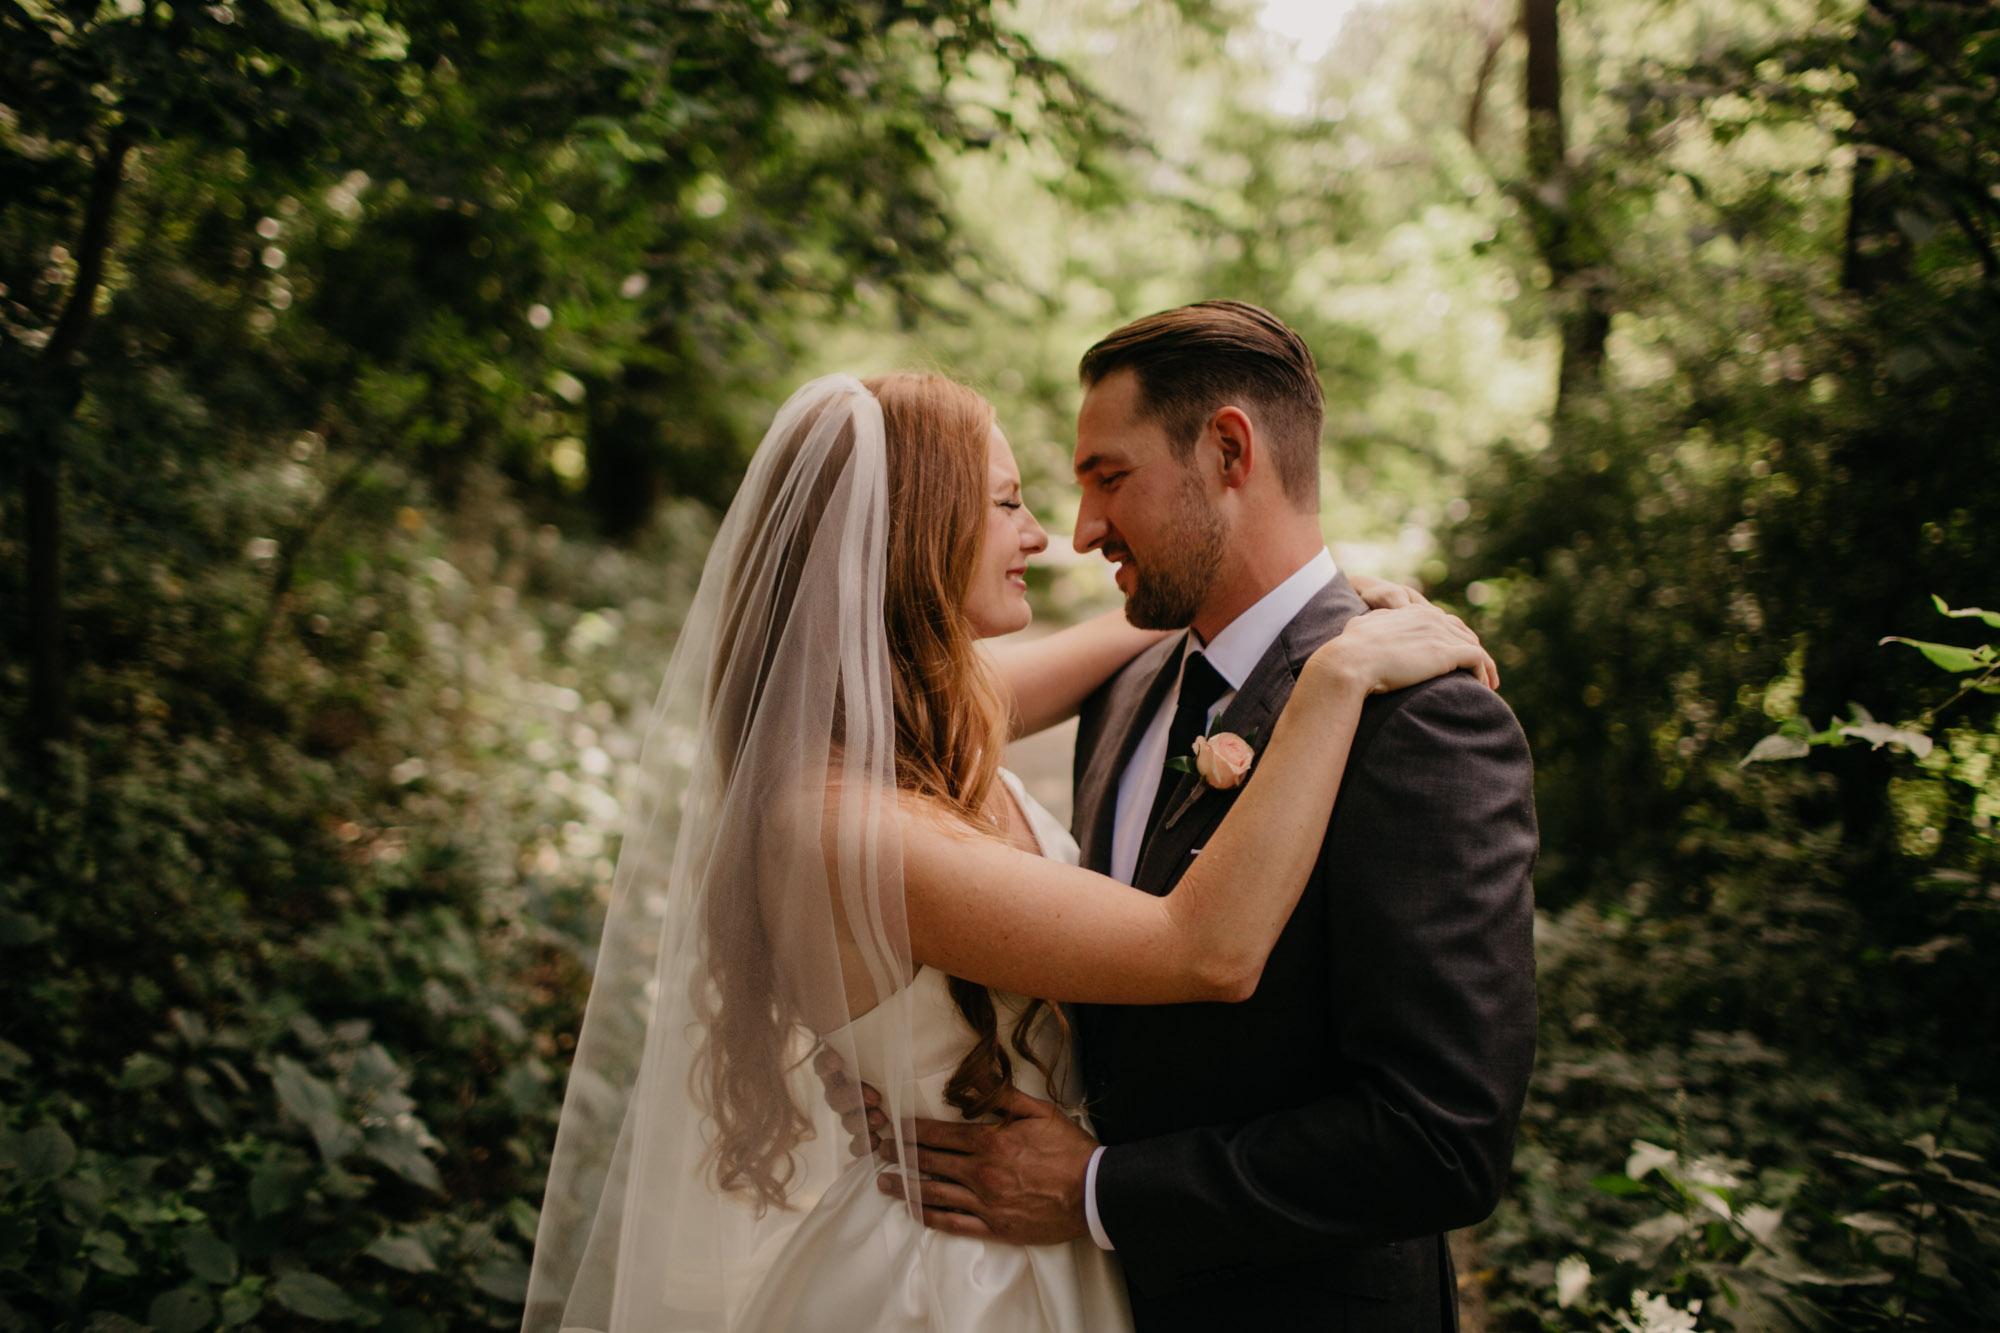 elmwood-park-wedding-photographer-nicole-jon-10.jpg